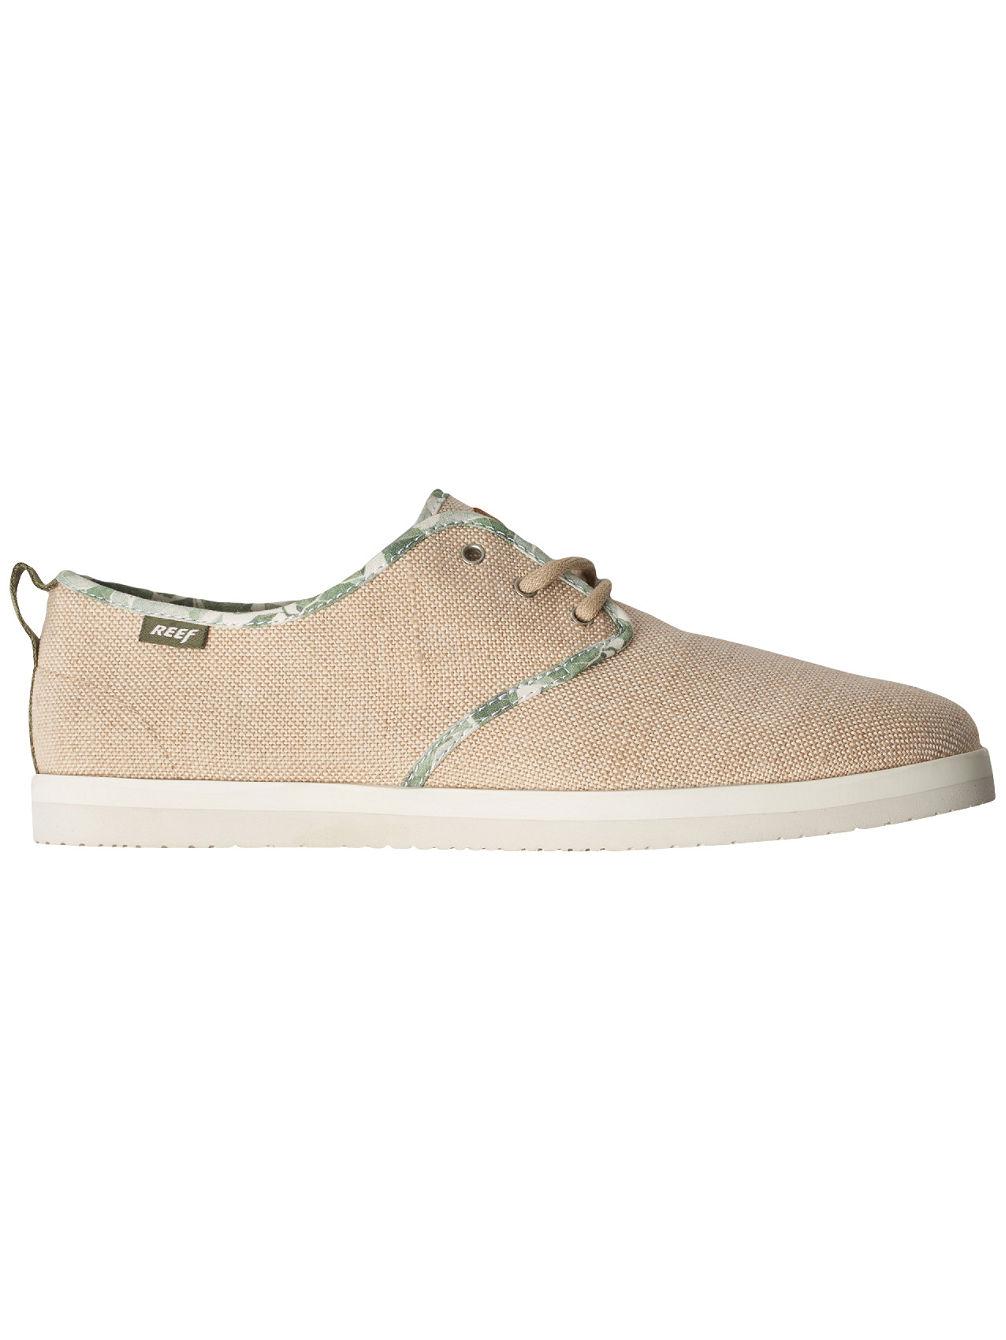 reef-landis-mw-sneakers